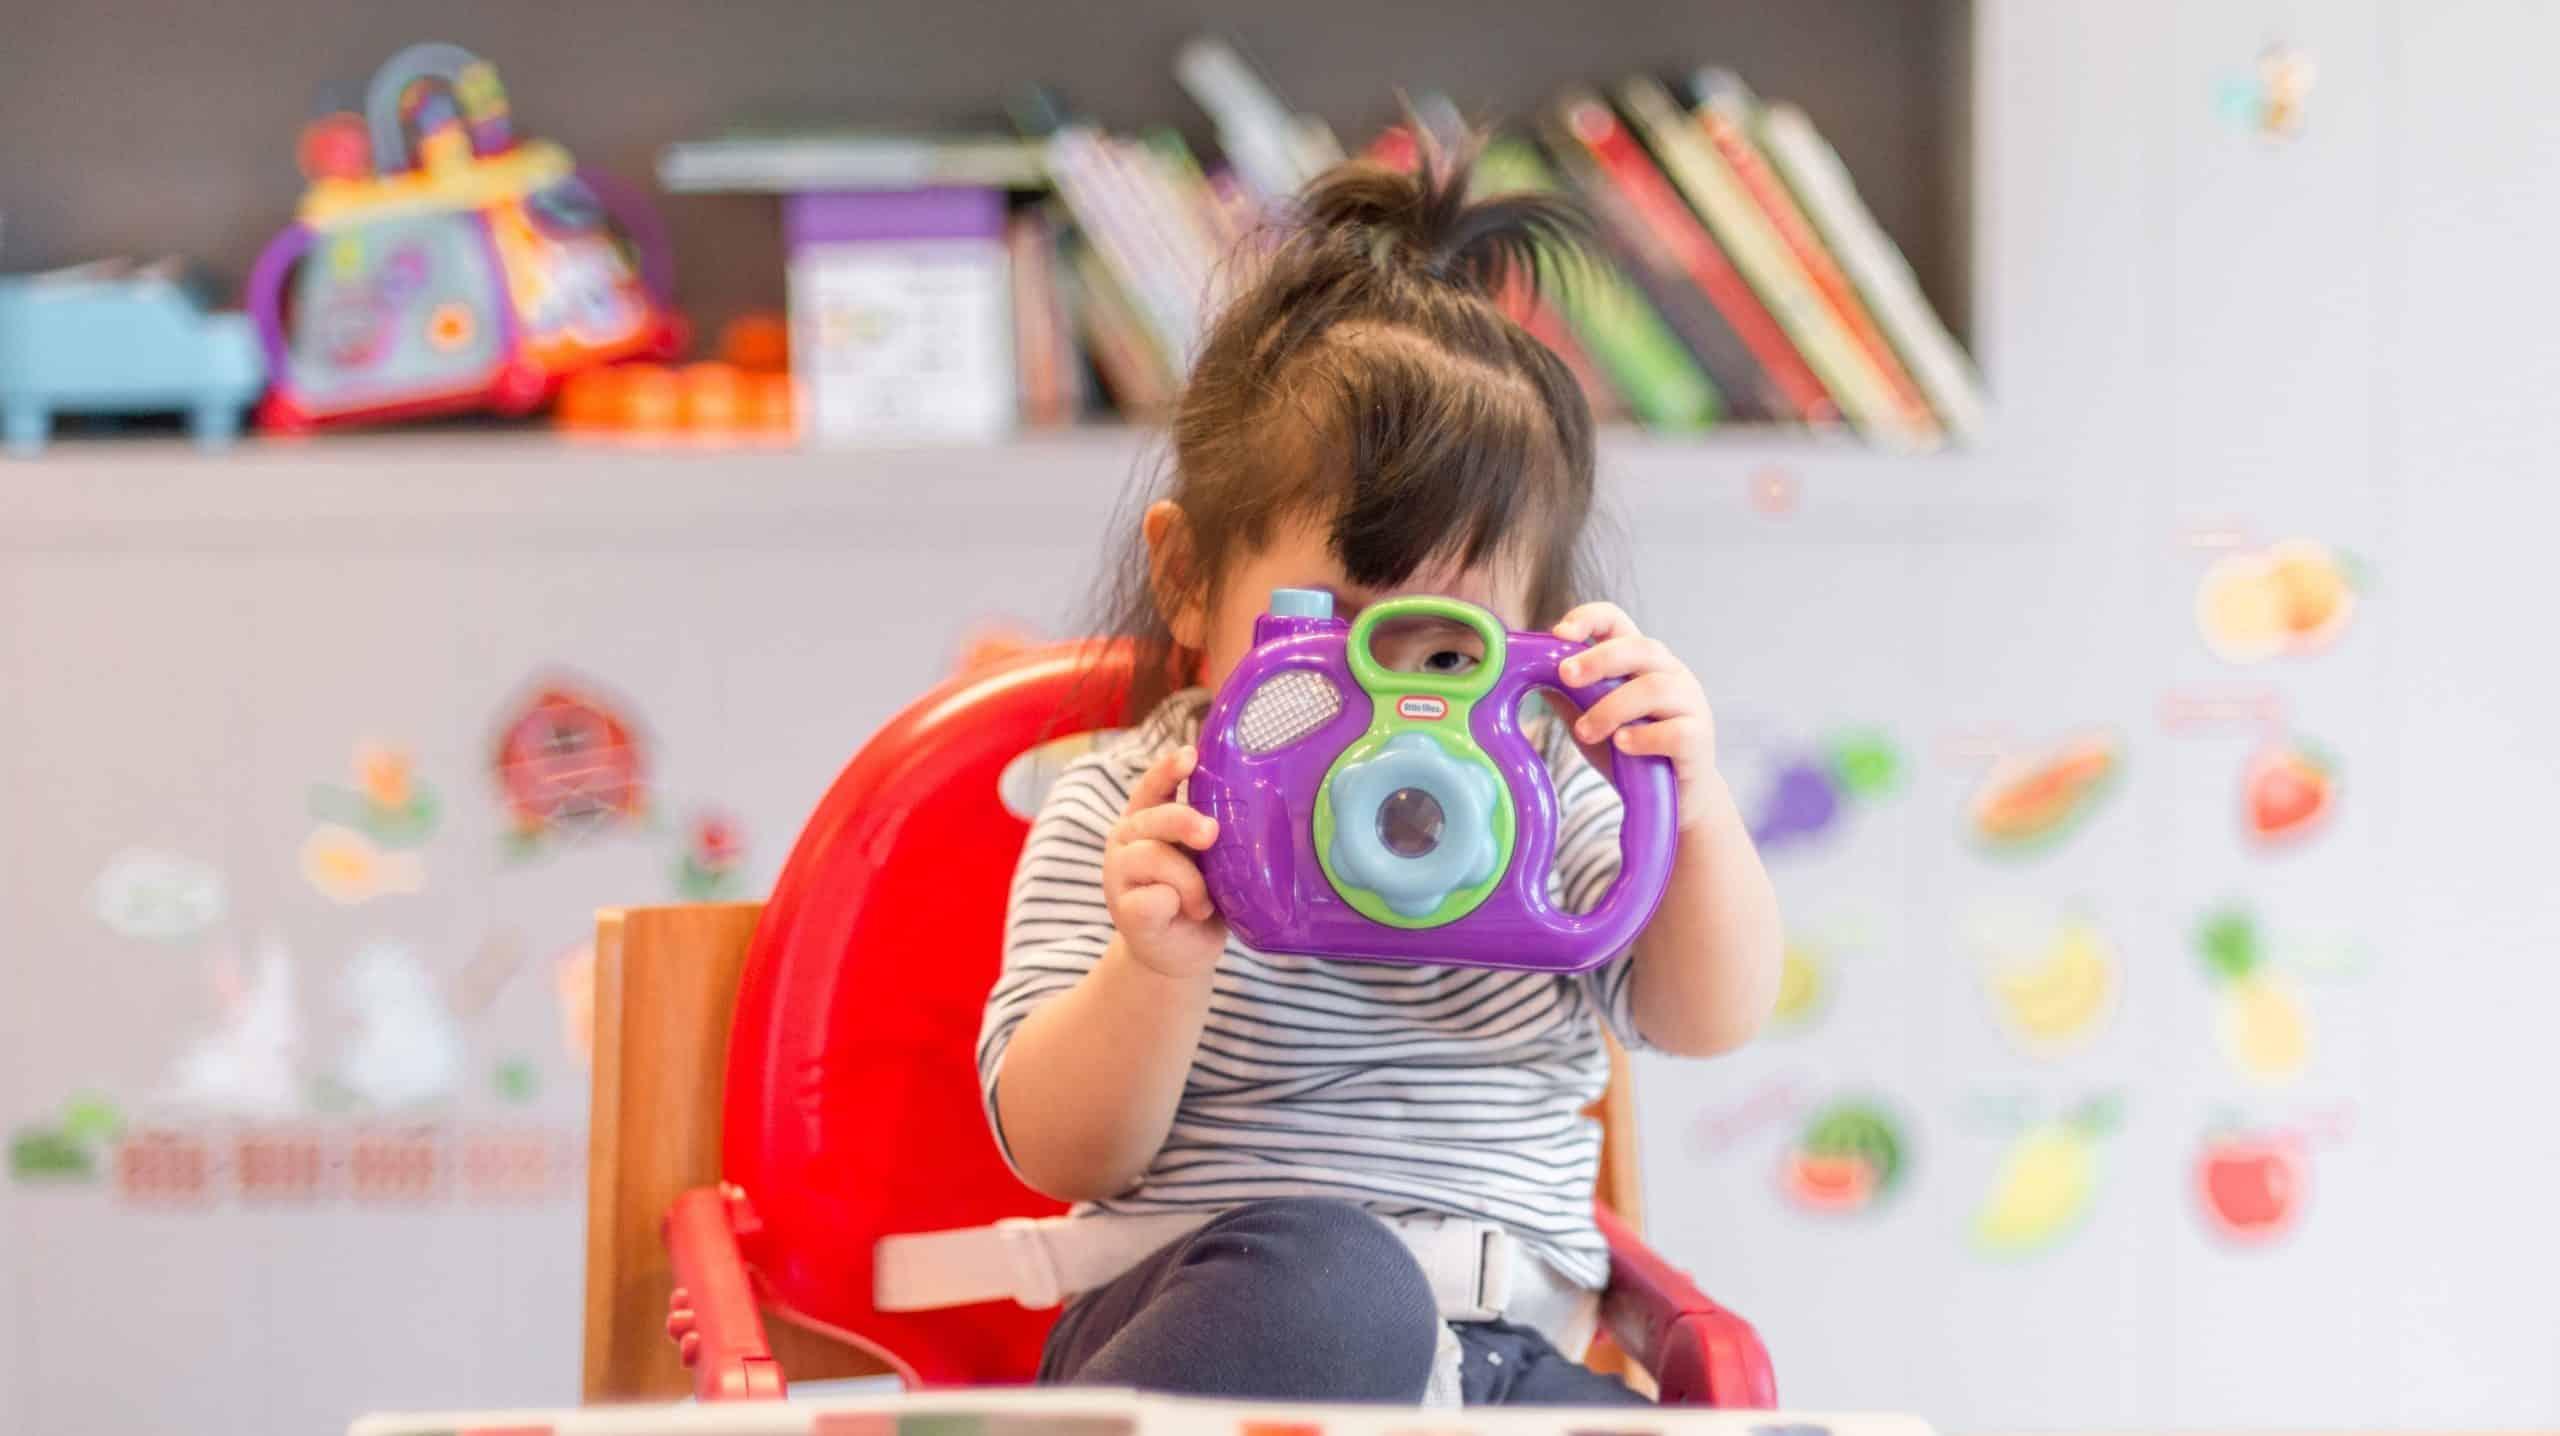 Whitepaper brandportal voor de kinderopvang branche communicatie bestellen drukwerk en ontwerpen2